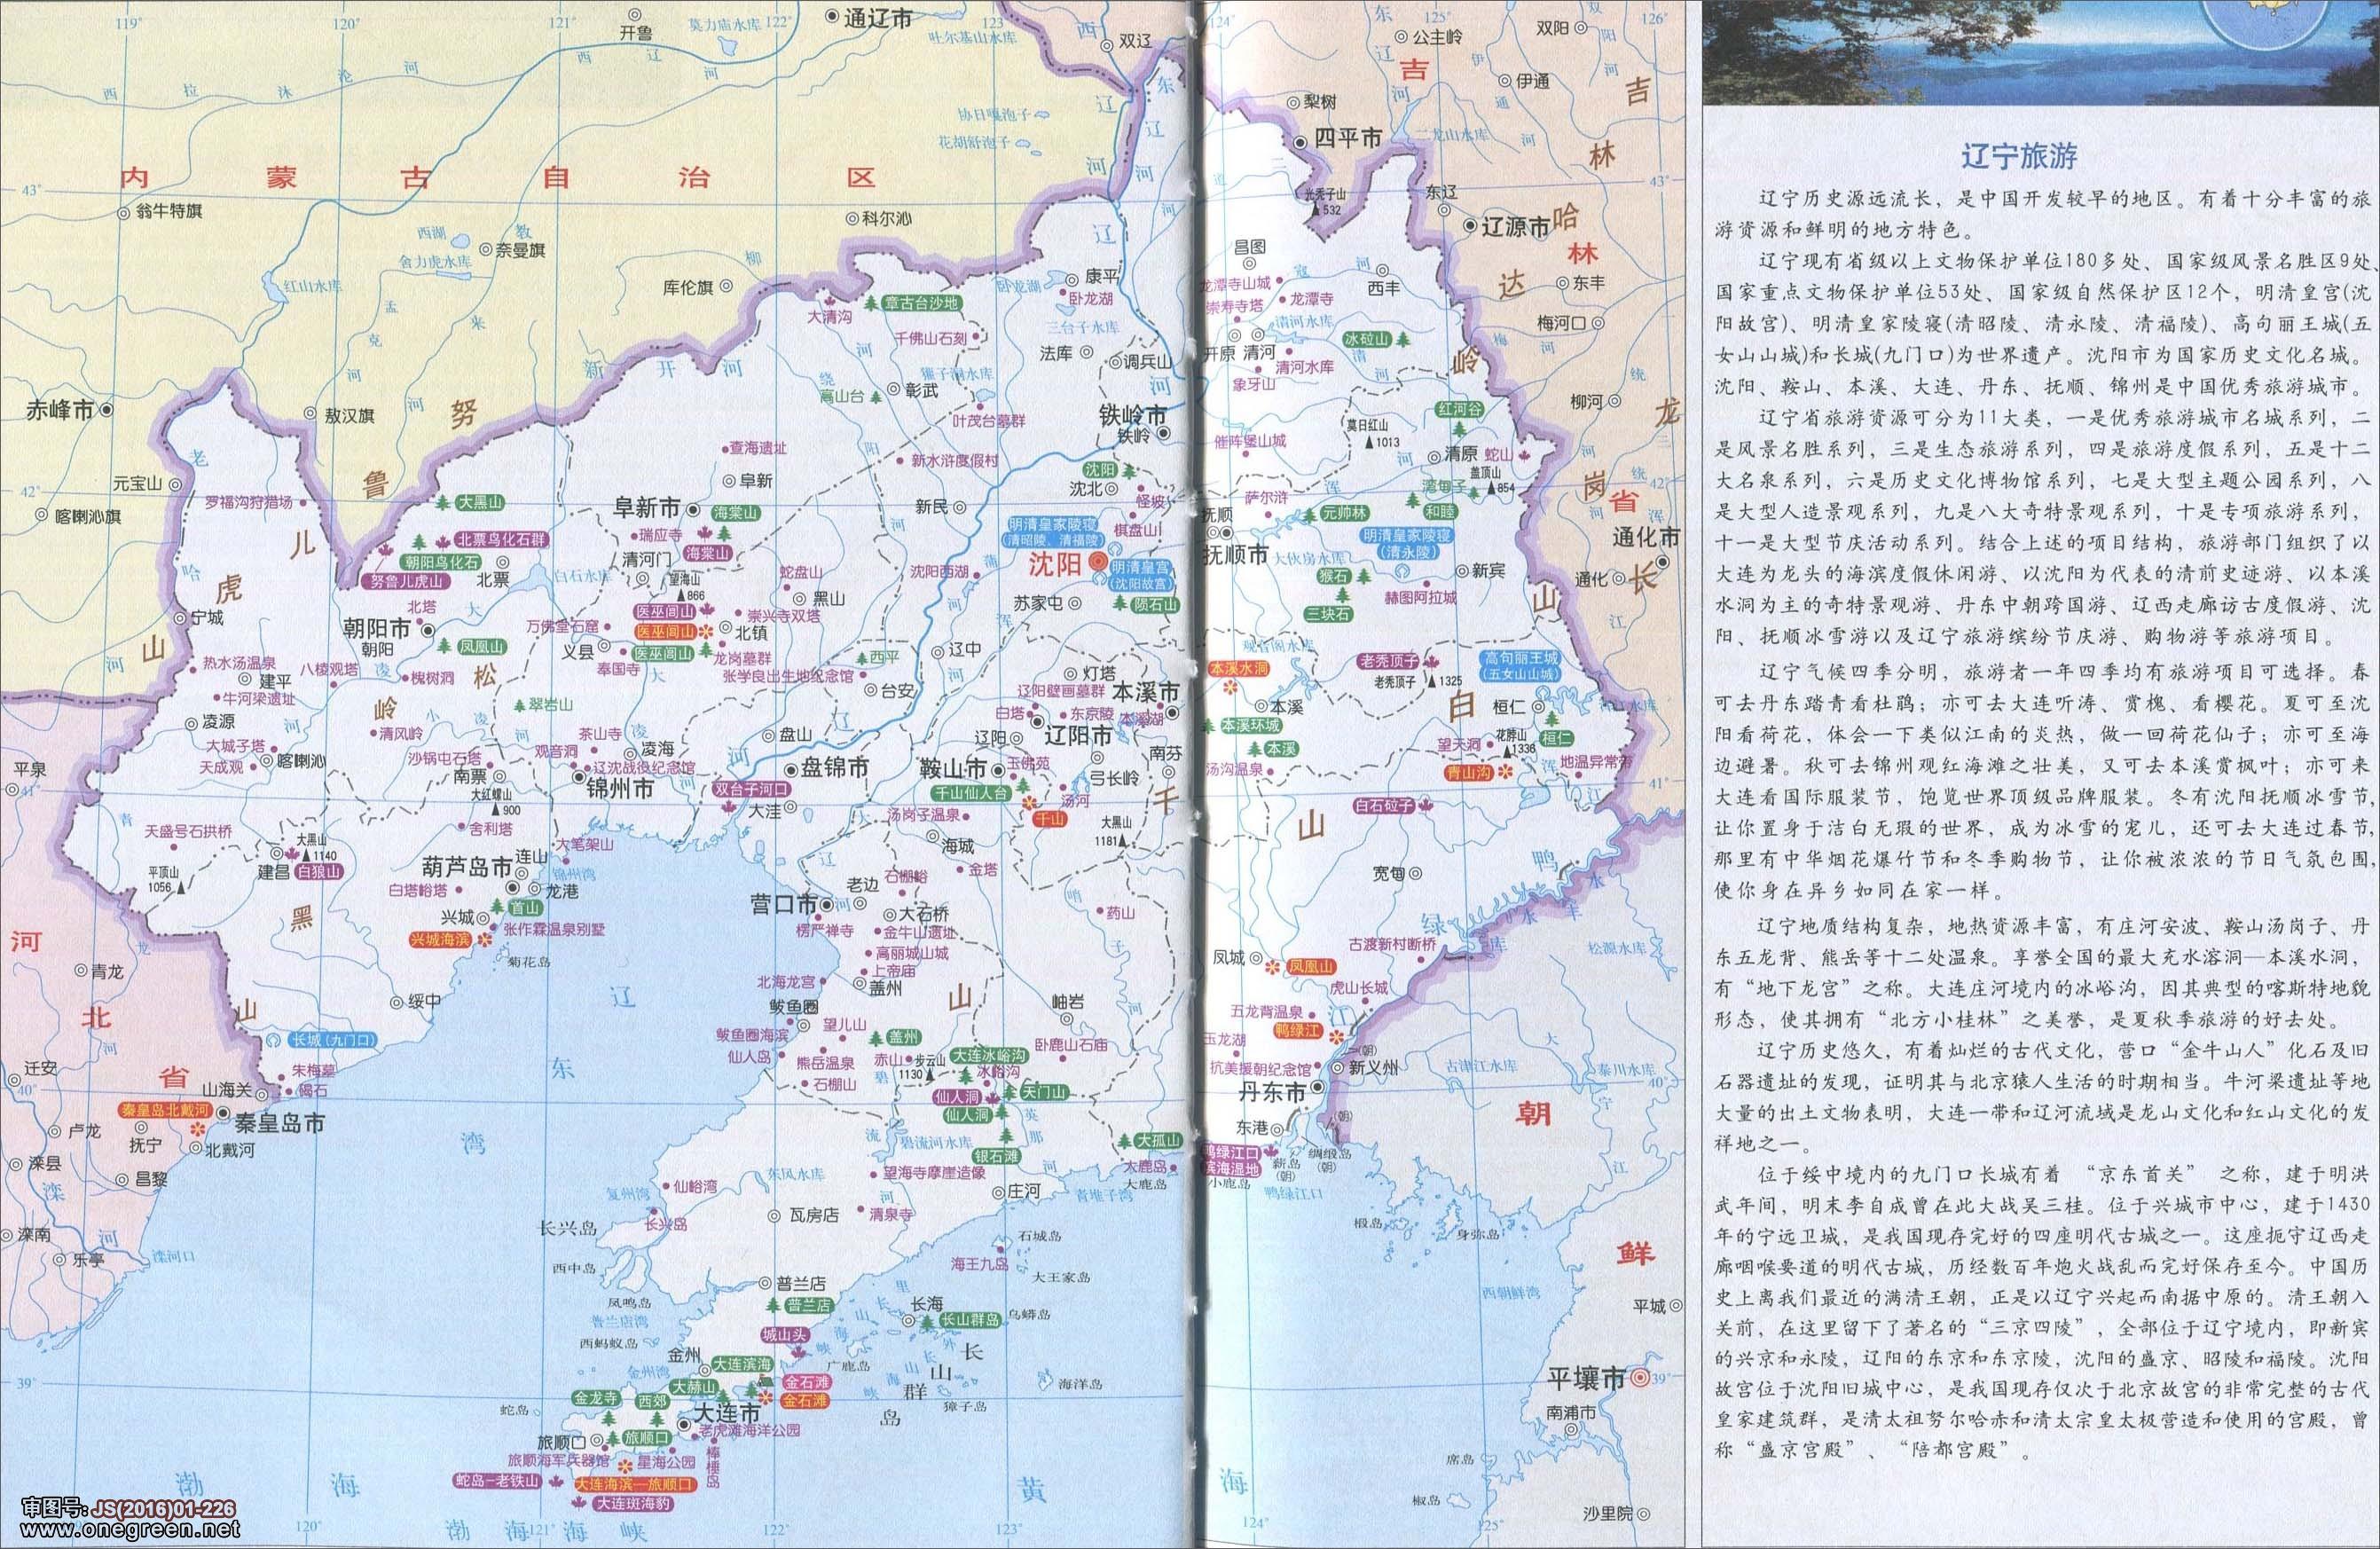 辽宁 >> 辽宁旅游地图    世界各国 | 中国各地 | 返回首页 栏目导航